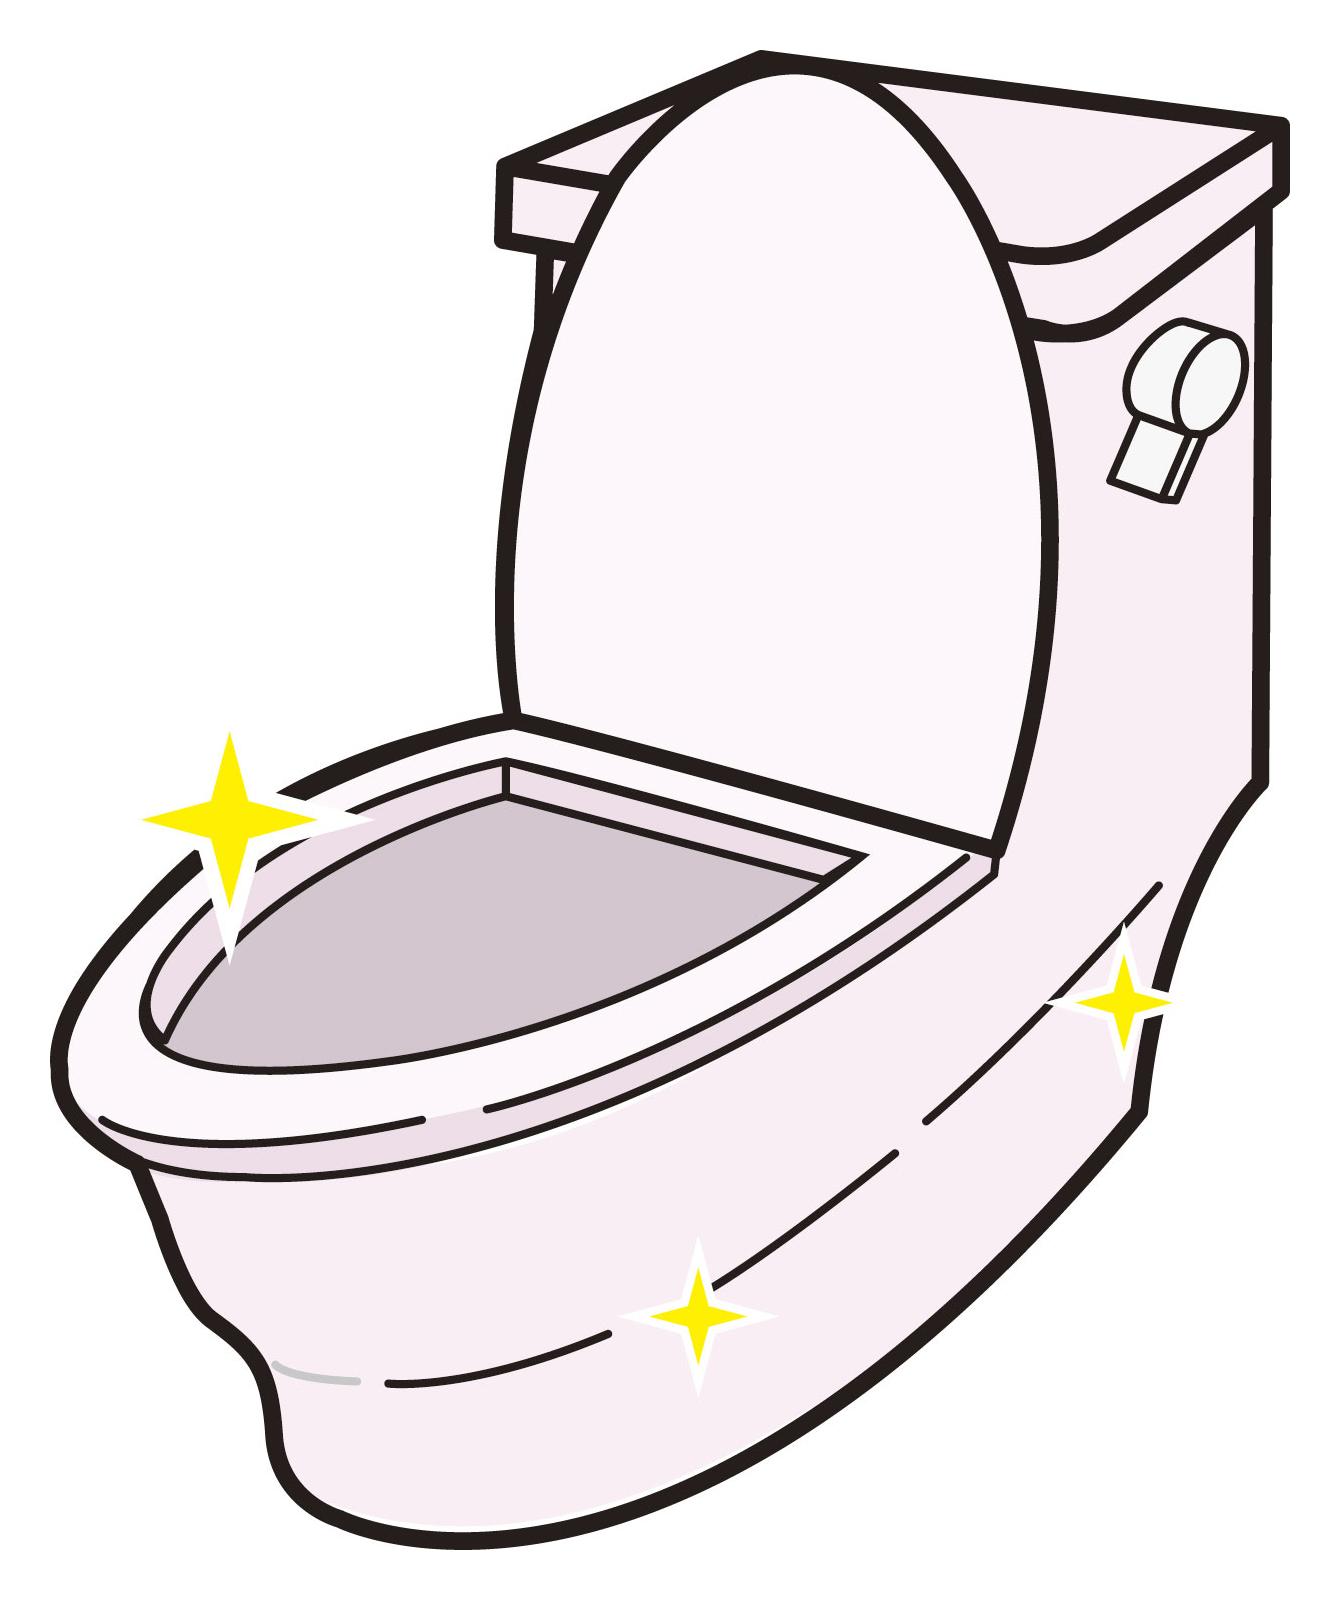 トイレ水漏れトラブル